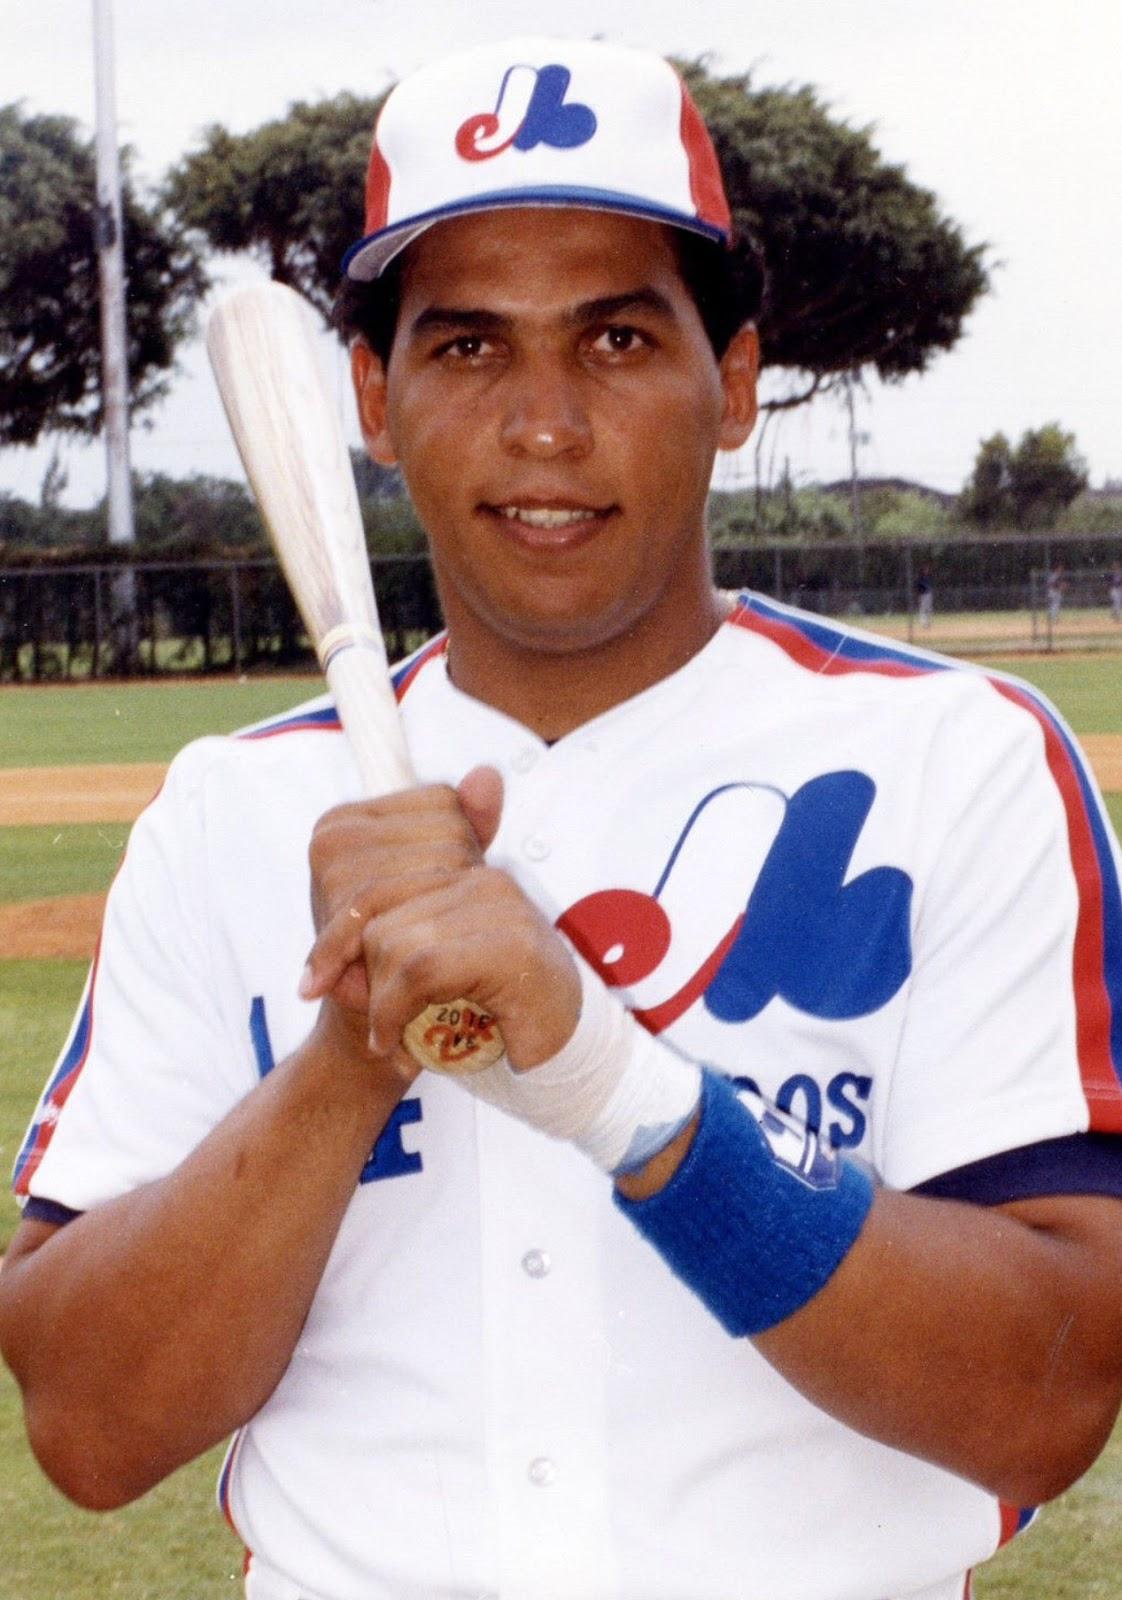 Andrés Galarraga-05